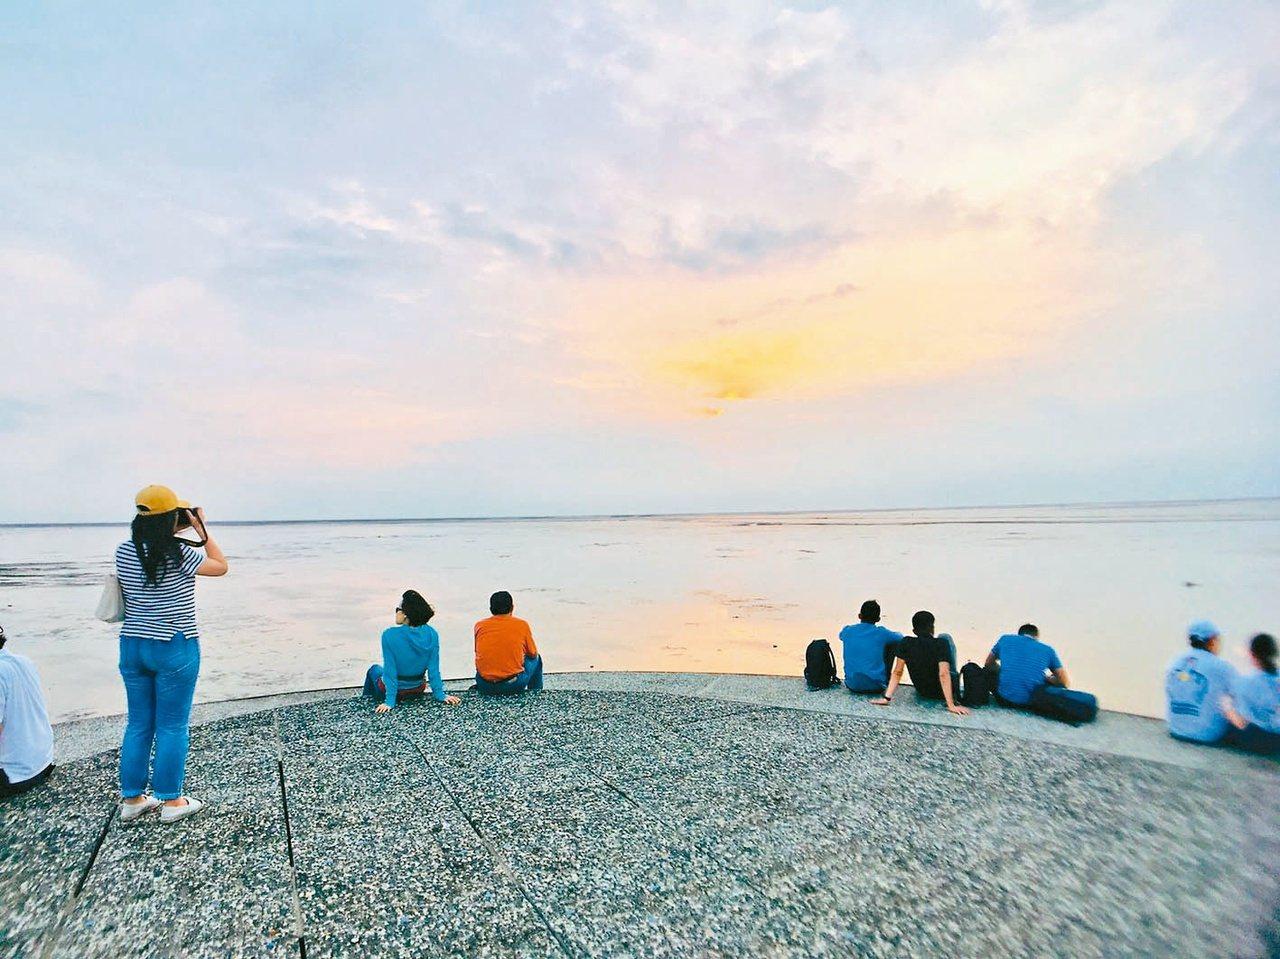 新竹市香山區賞蟹步道是新竹海線旅遊不可錯過的景點。  圖/張雅婷 攝影